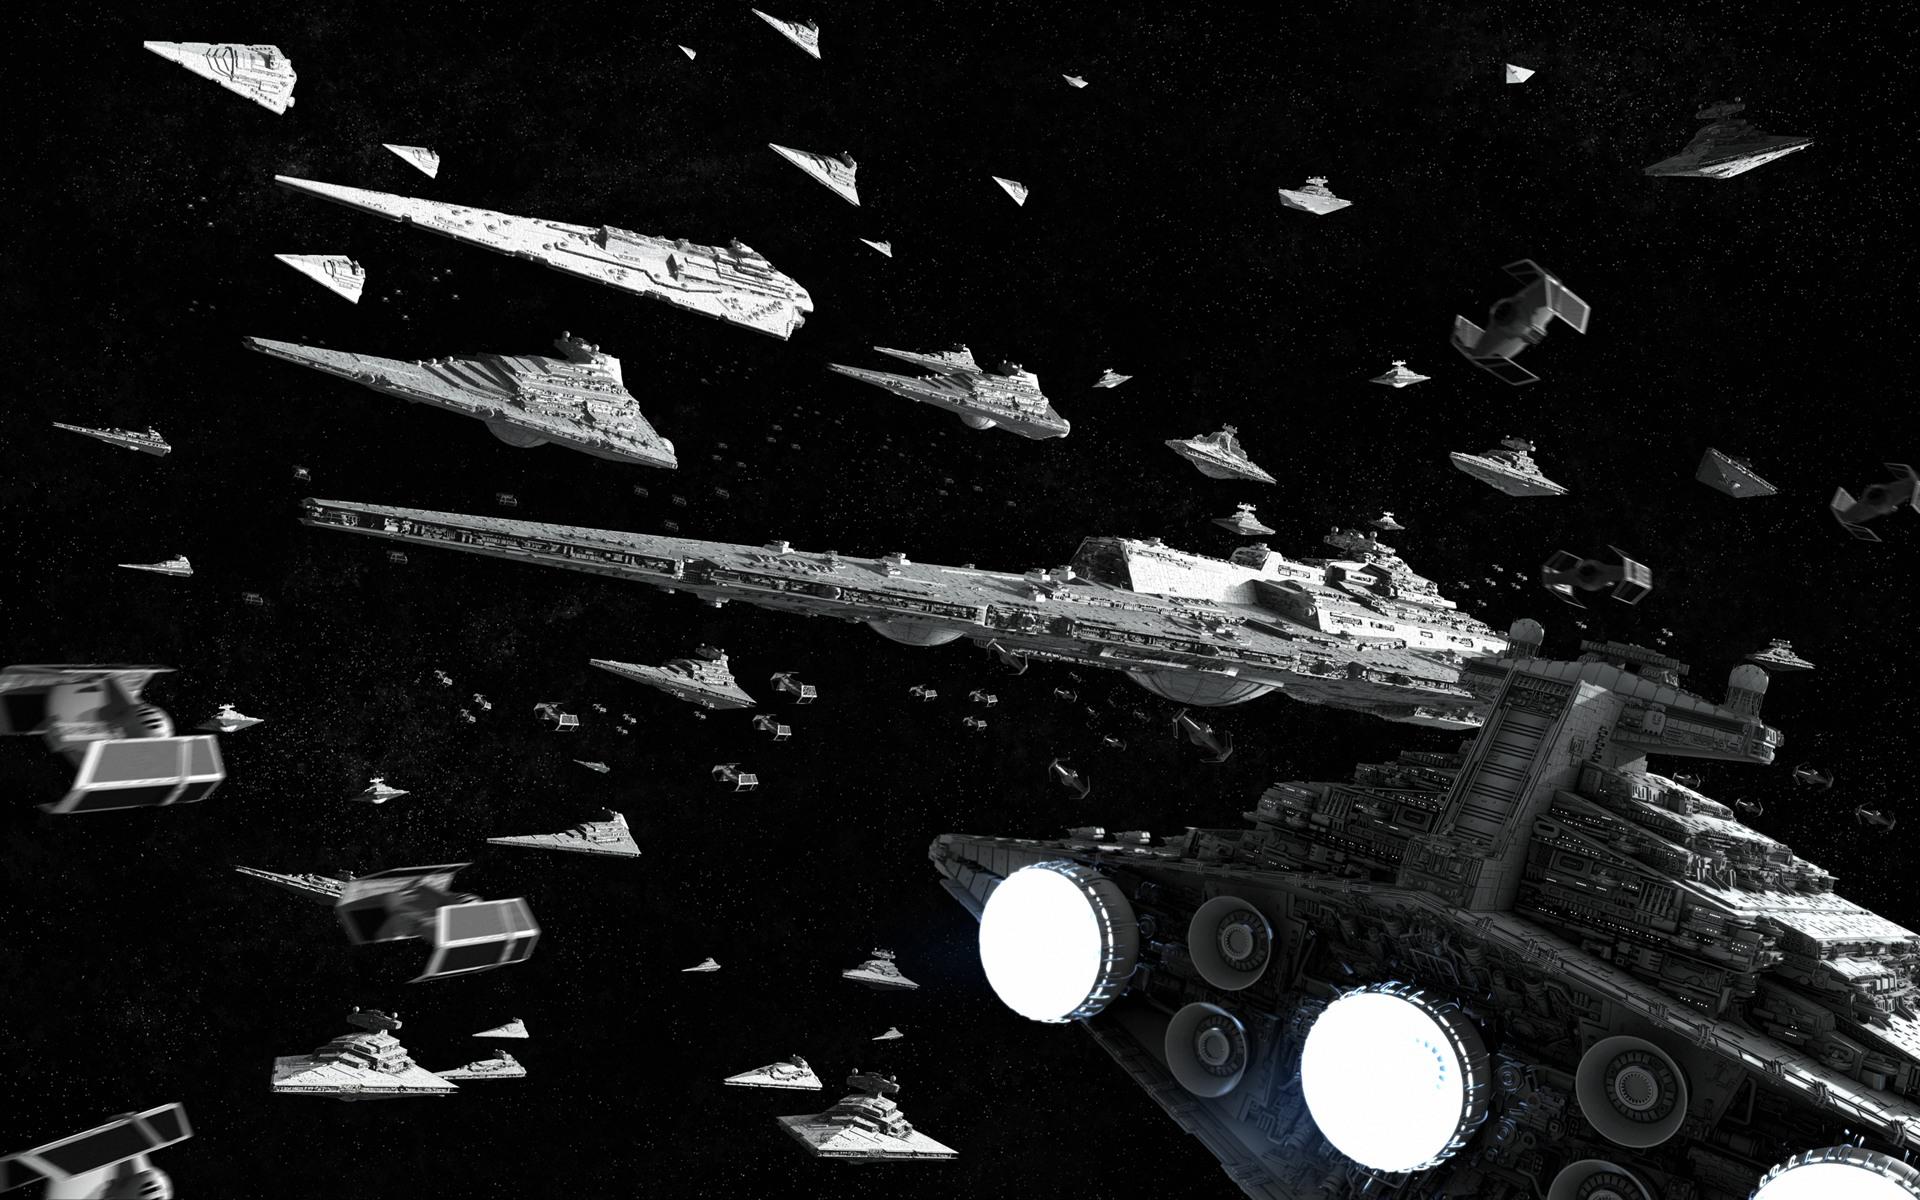 STAR WAR WALLPAPER Cool Star Wars Backgrounds 1920x1200